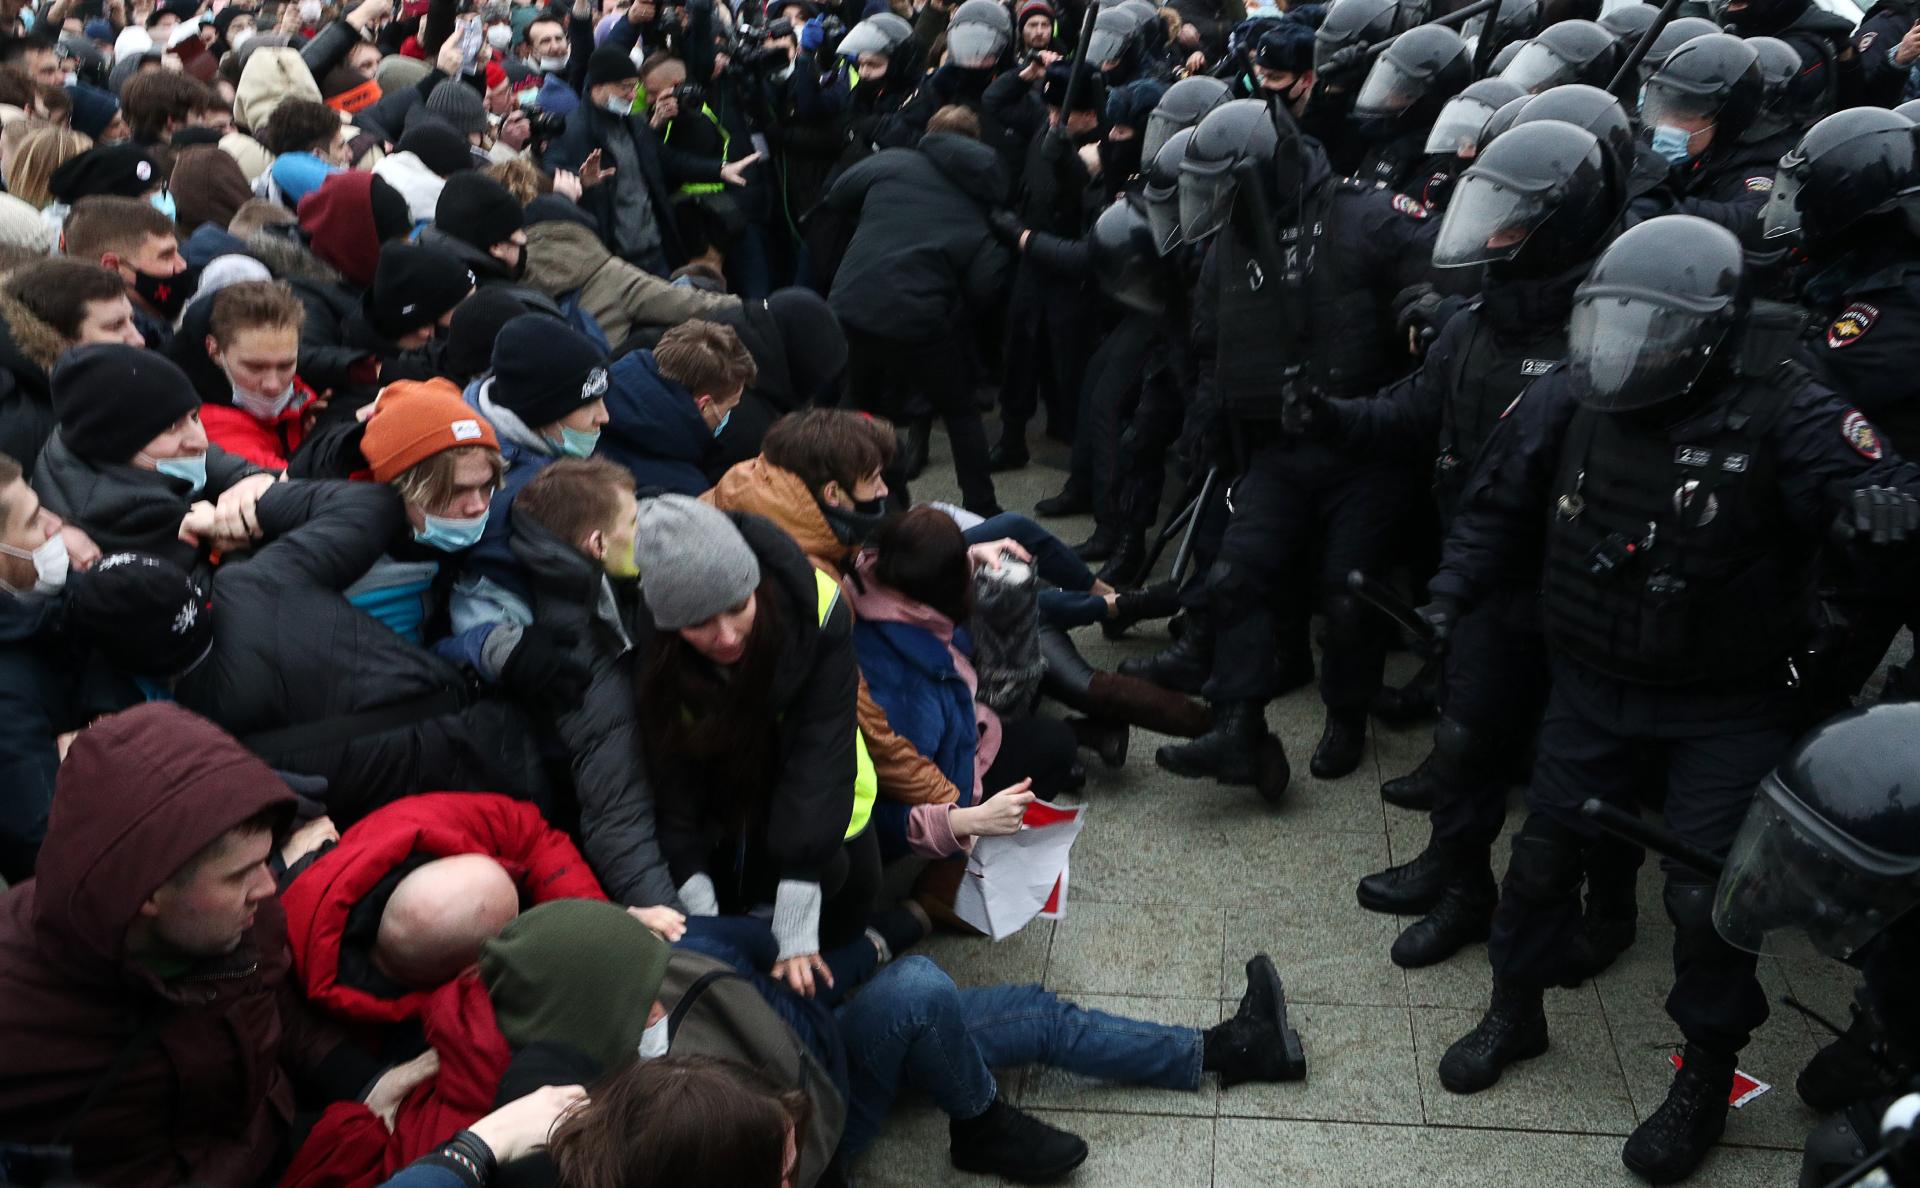 Депутат от Чечни пообещал участнику протестов решить проблемы с законом